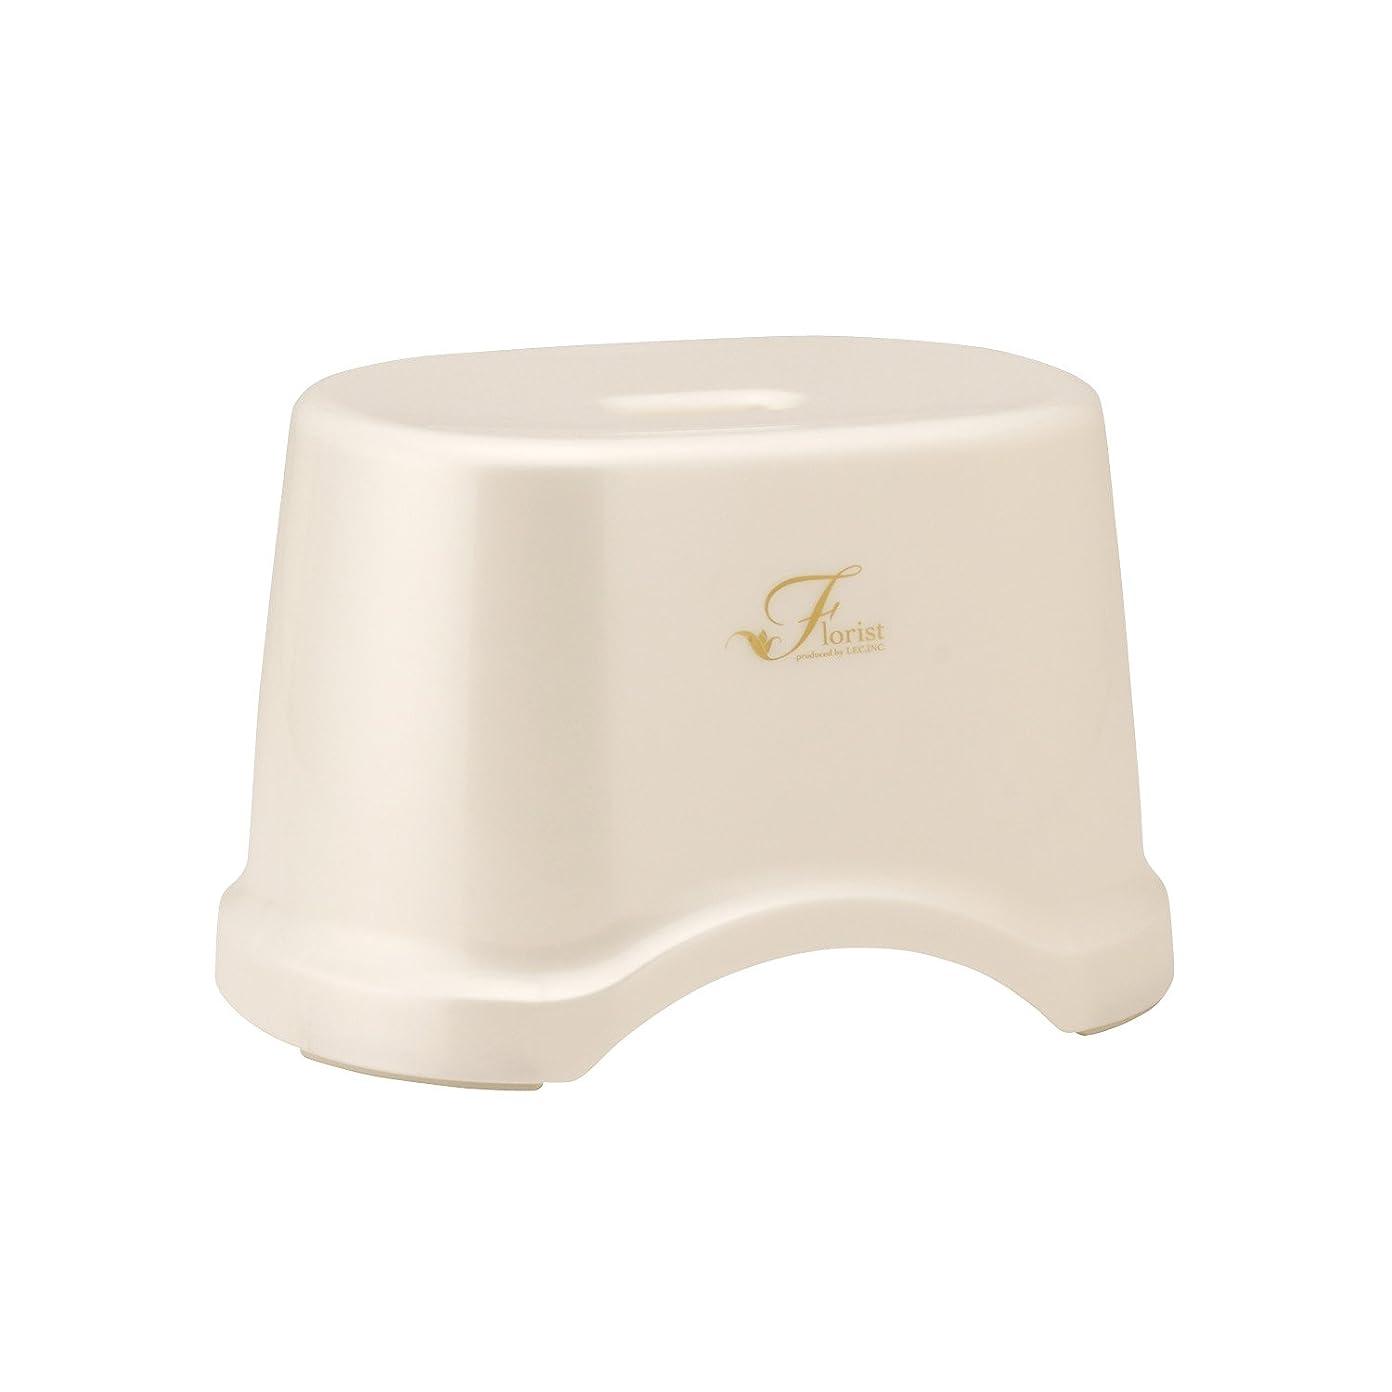 司法通行料金独創的レック Florist 風呂いす 高さ19cm ホワイト (風呂椅子 バスチェア) B-960